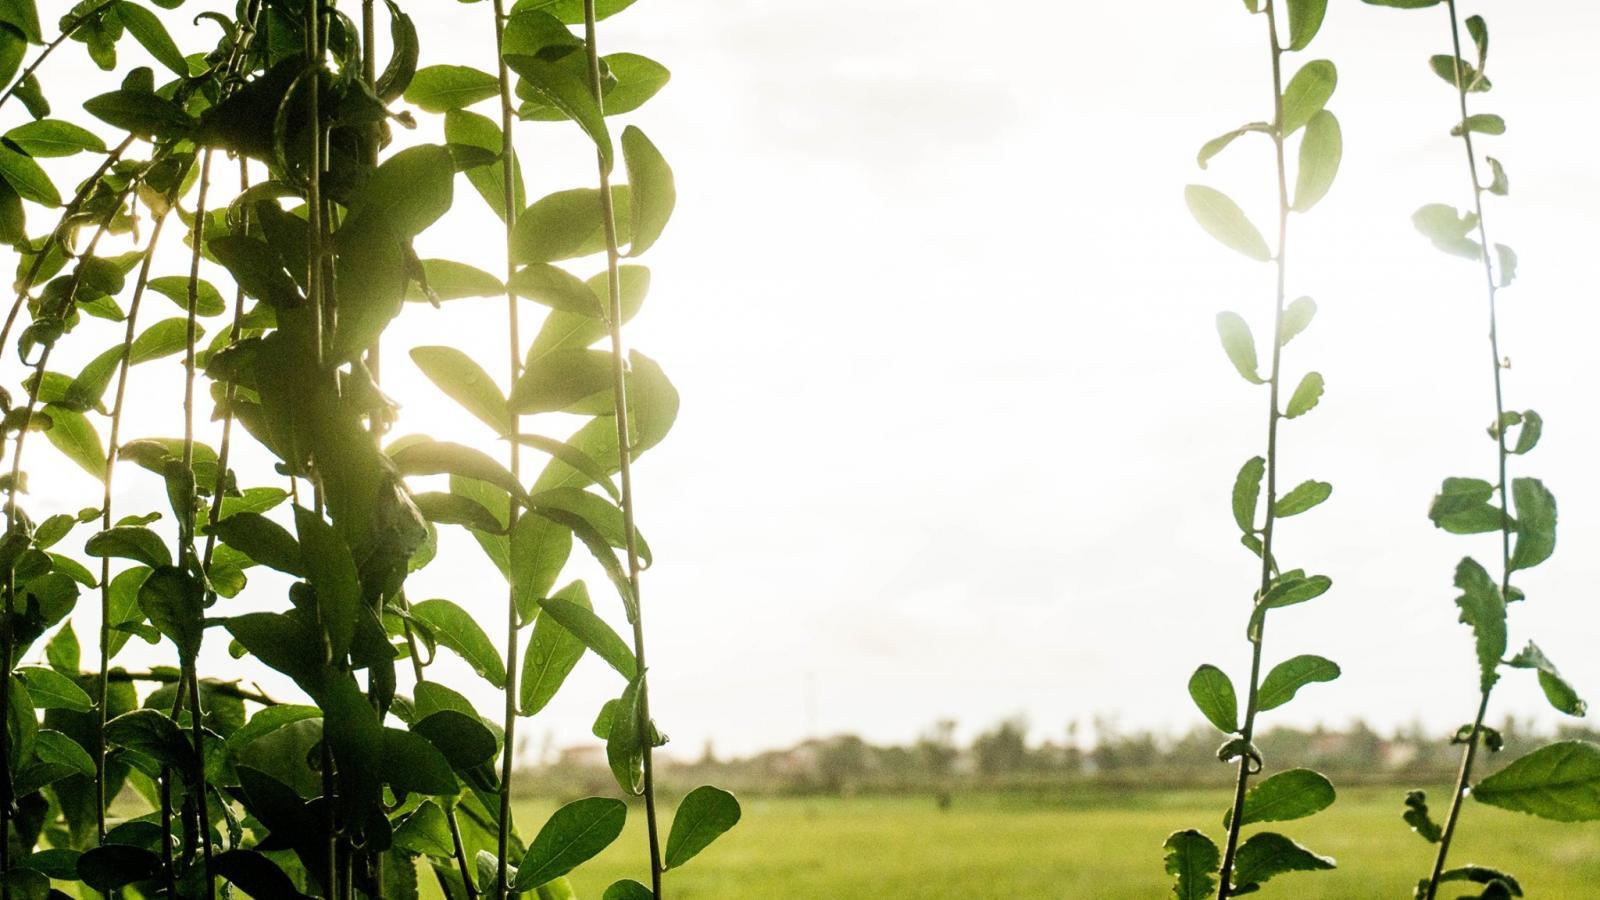 View xanh mát với hàng rào cây thân leo và cánh đồng bát ngát